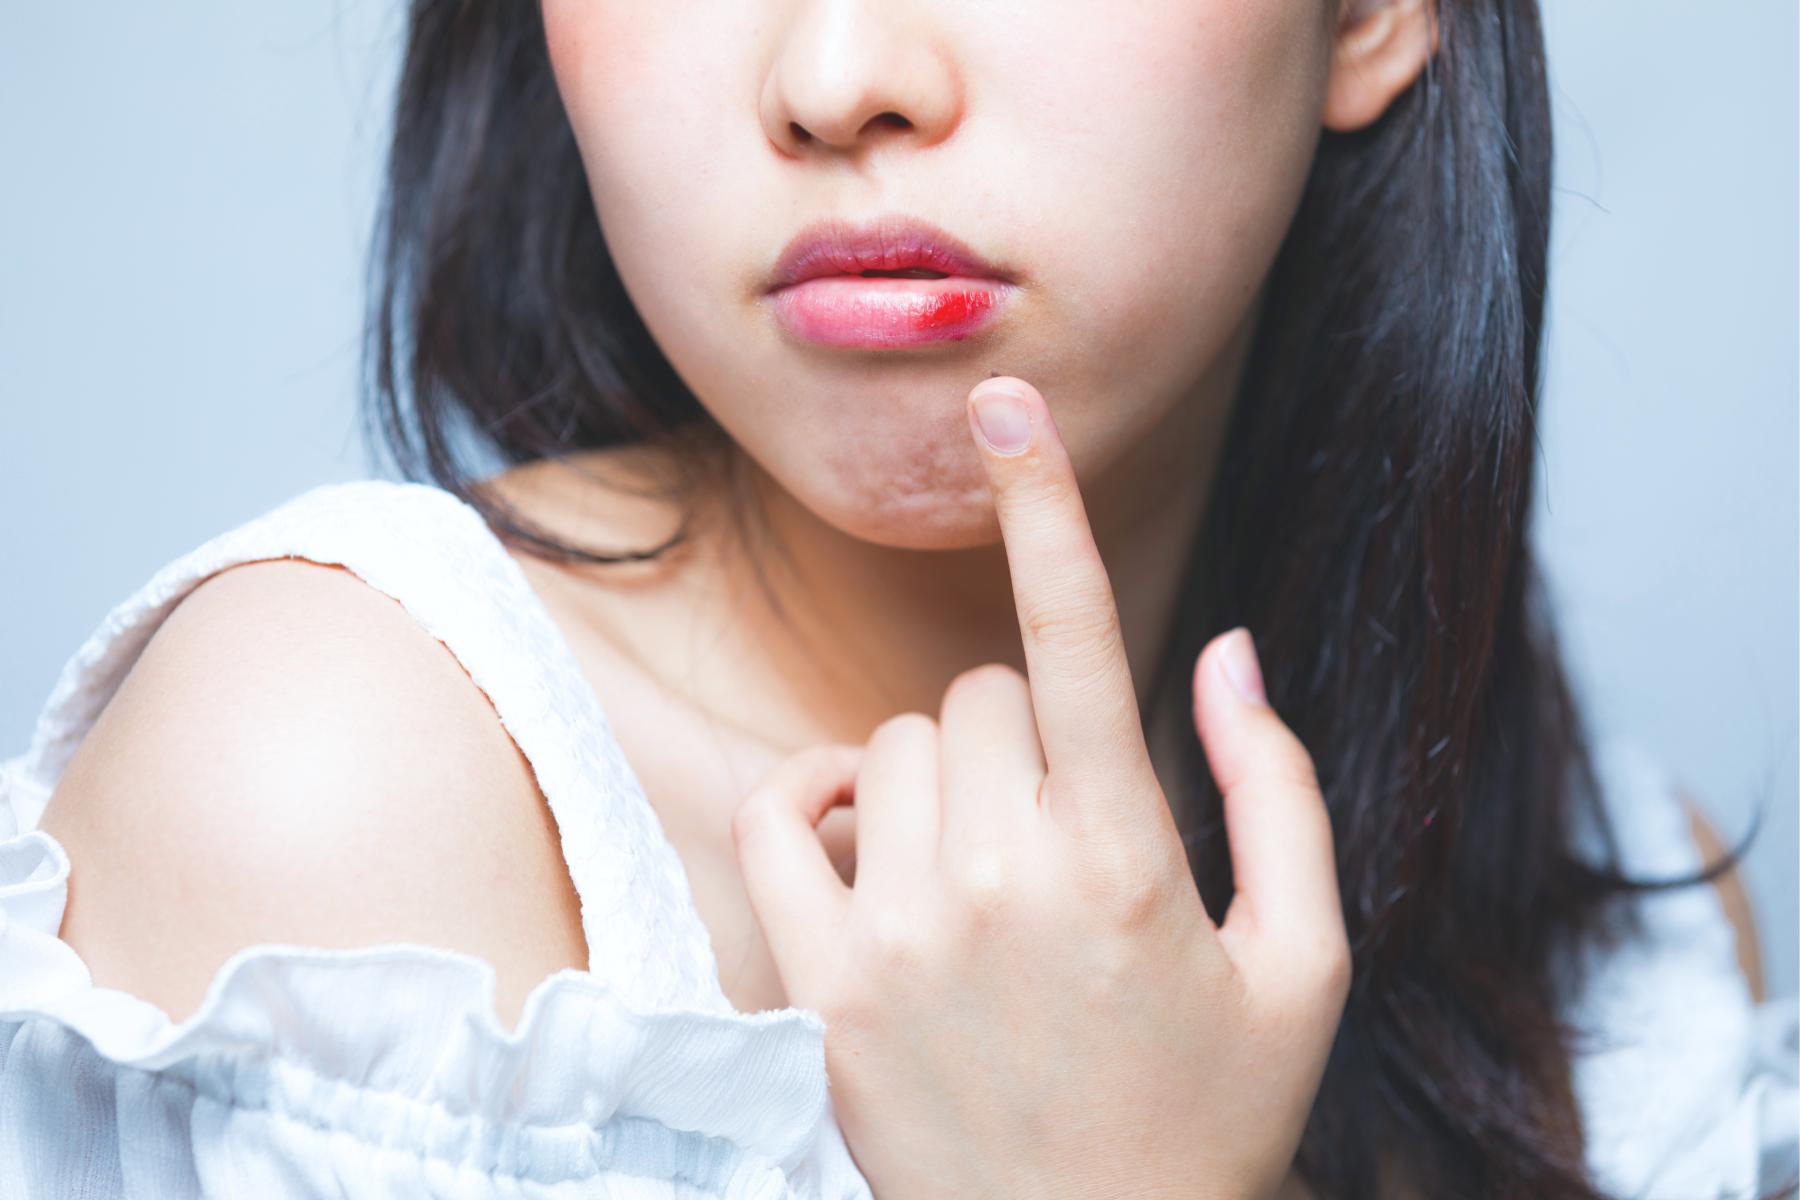 常嘴破是荷爾蒙失調、免疫力低!狂漱鹽水只會越破越大洞